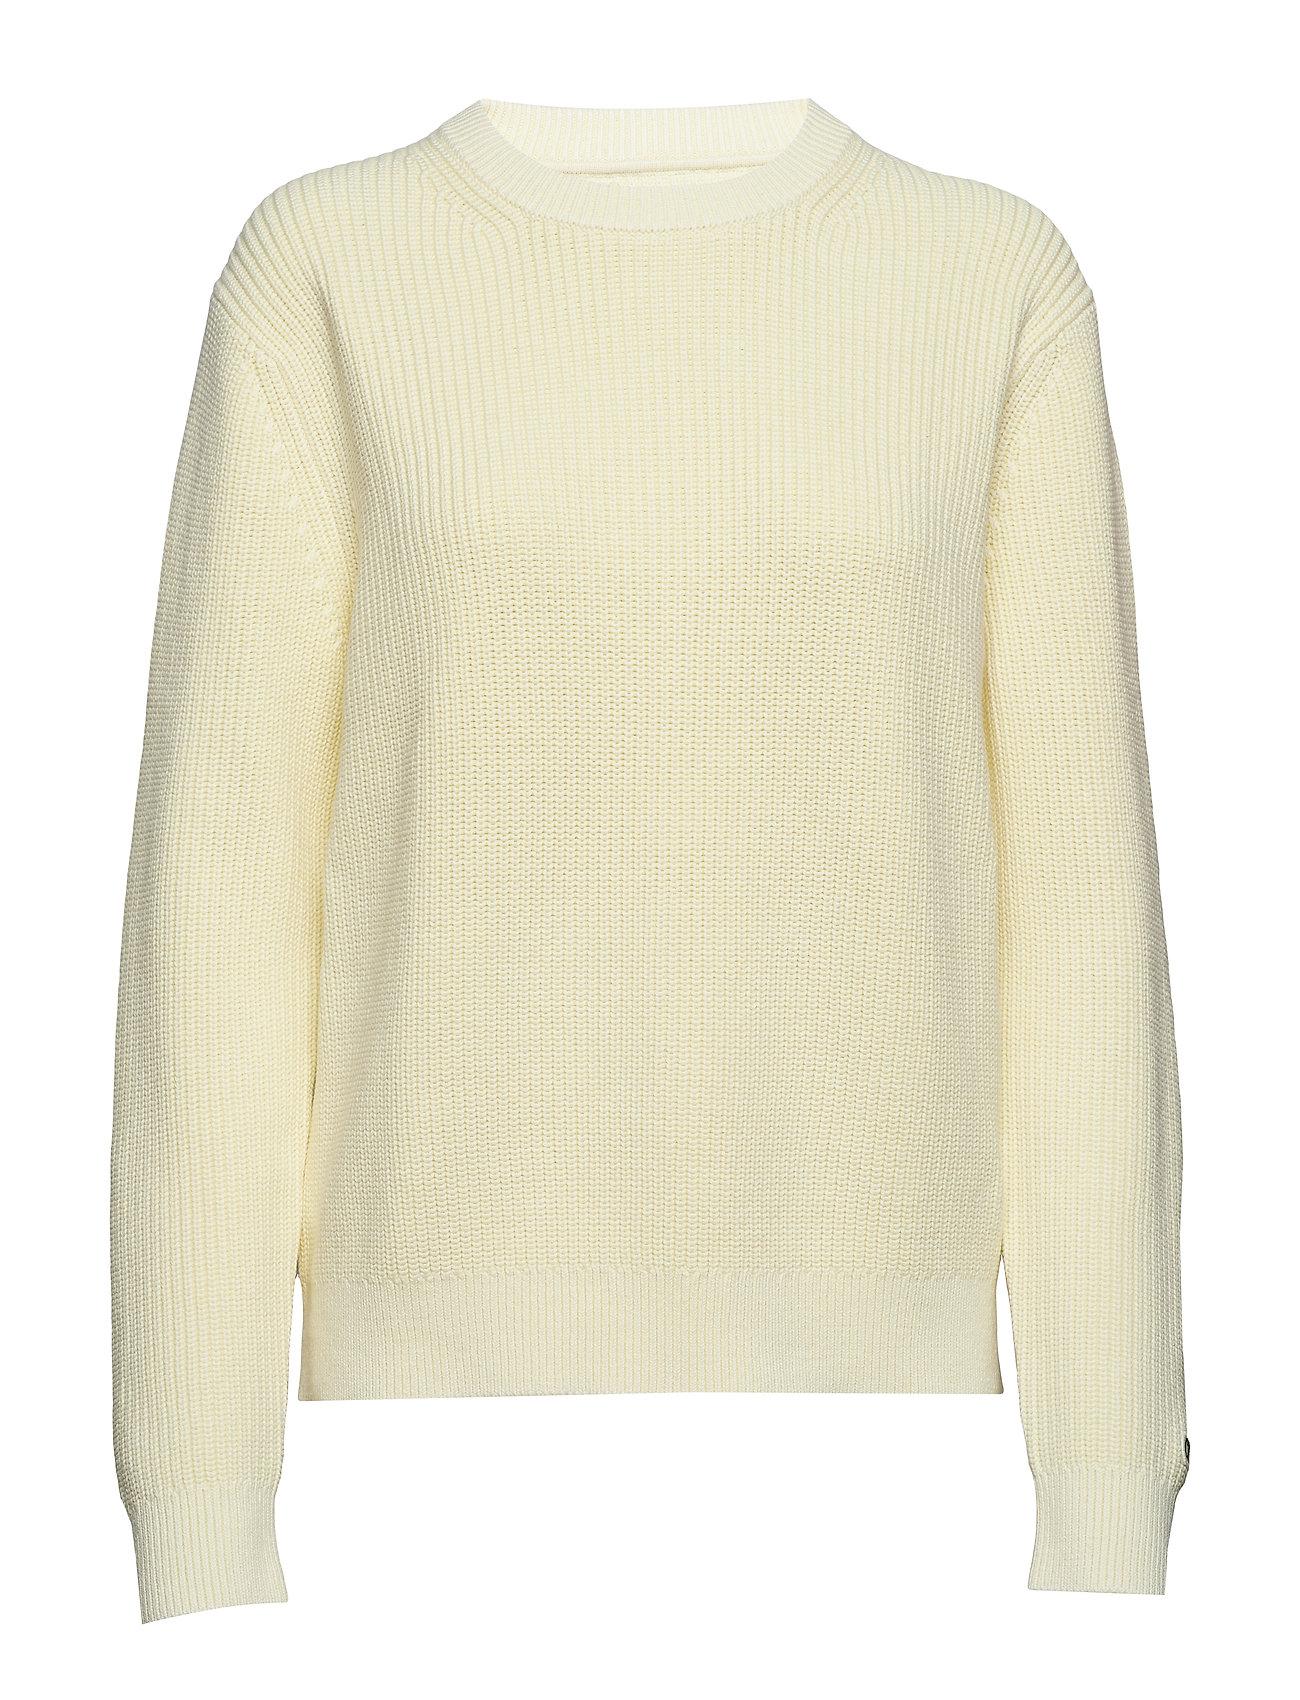 CALVIN KLEIN Cotton Garment Washe Strickpullover Gelb CALVIN KLEIN JEANS